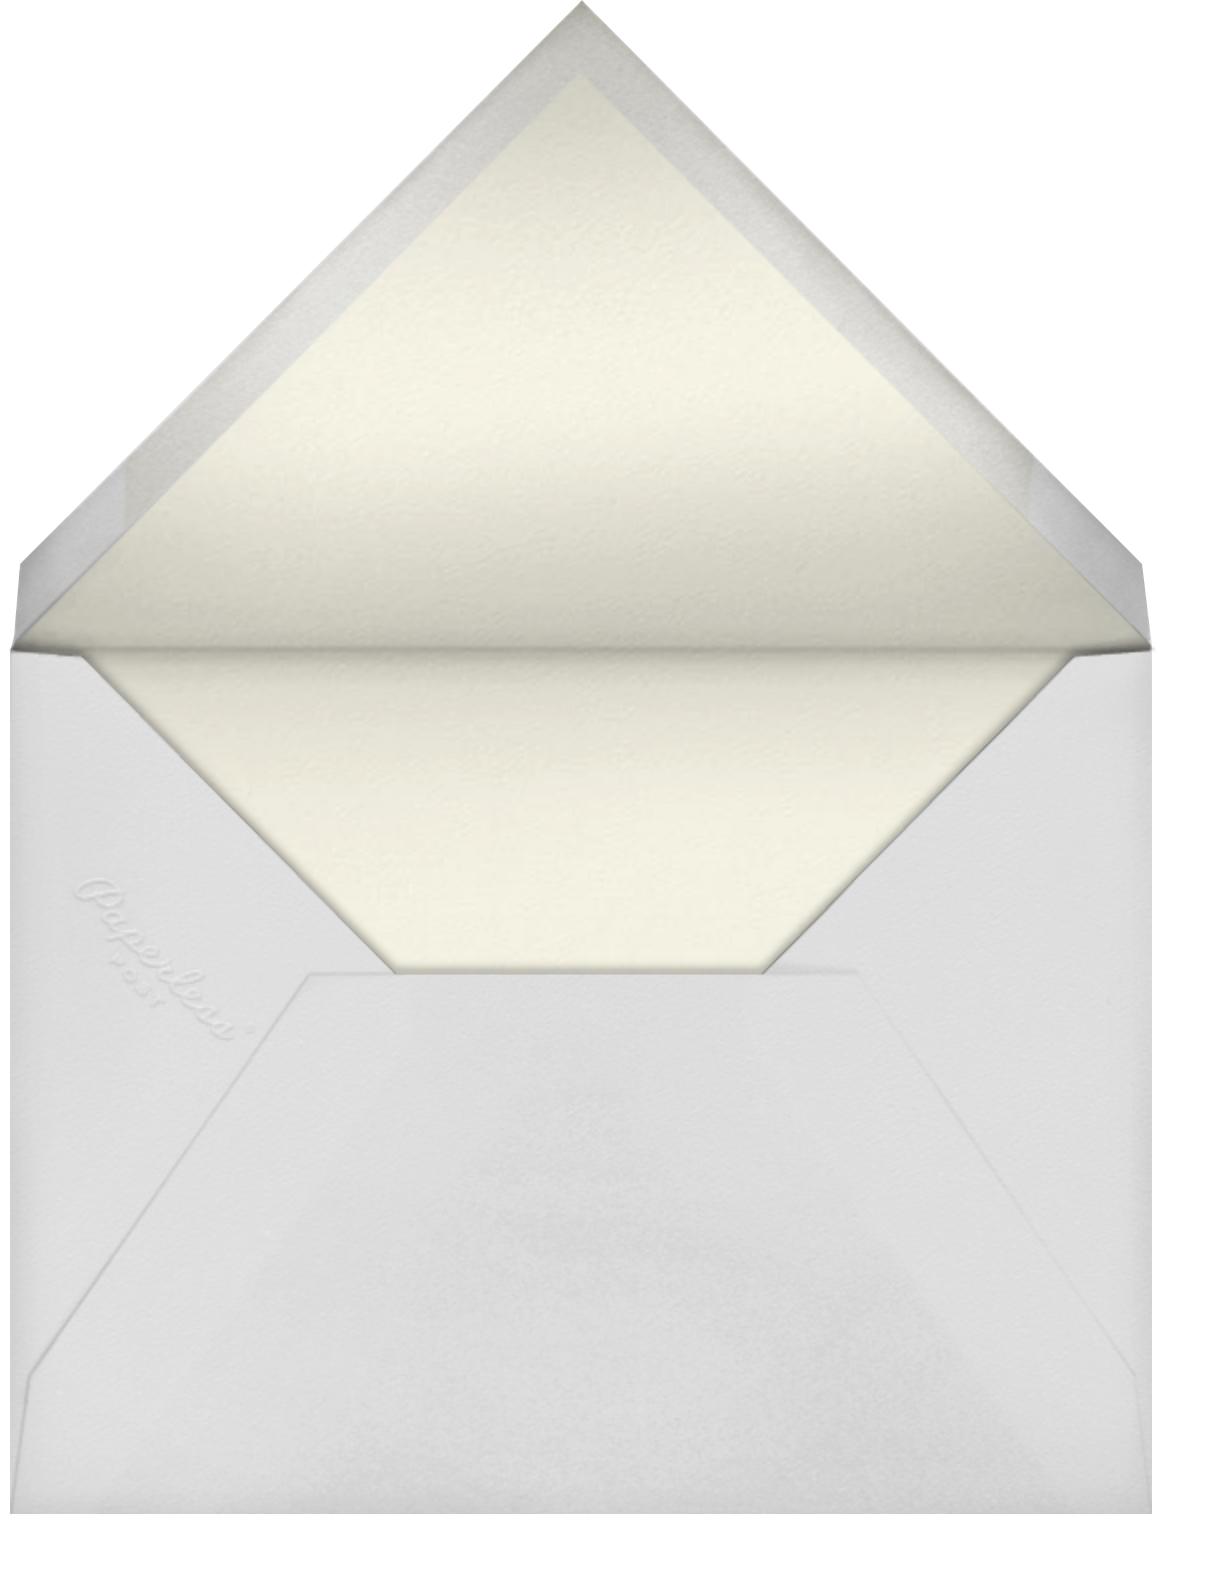 Ars Botanica - Oscar de la Renta - Mother's Day - envelope back